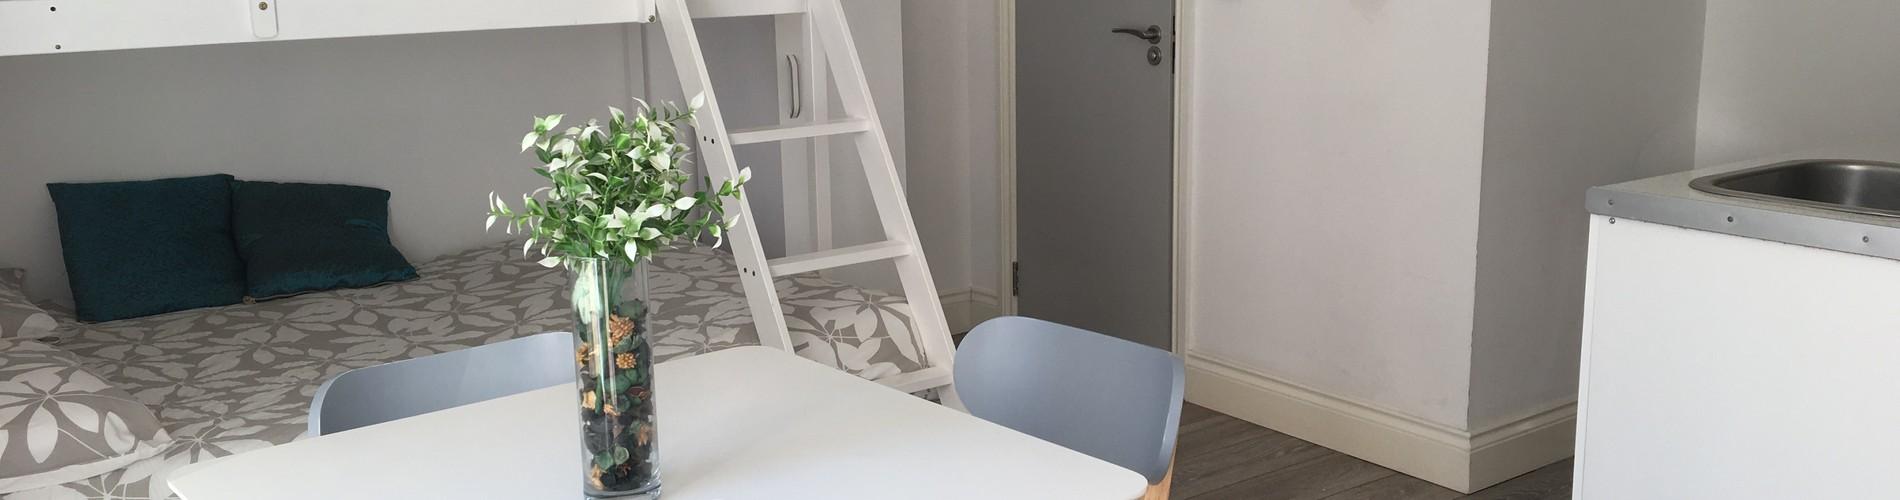 Vacation Rental Euston Studio Apartment #13